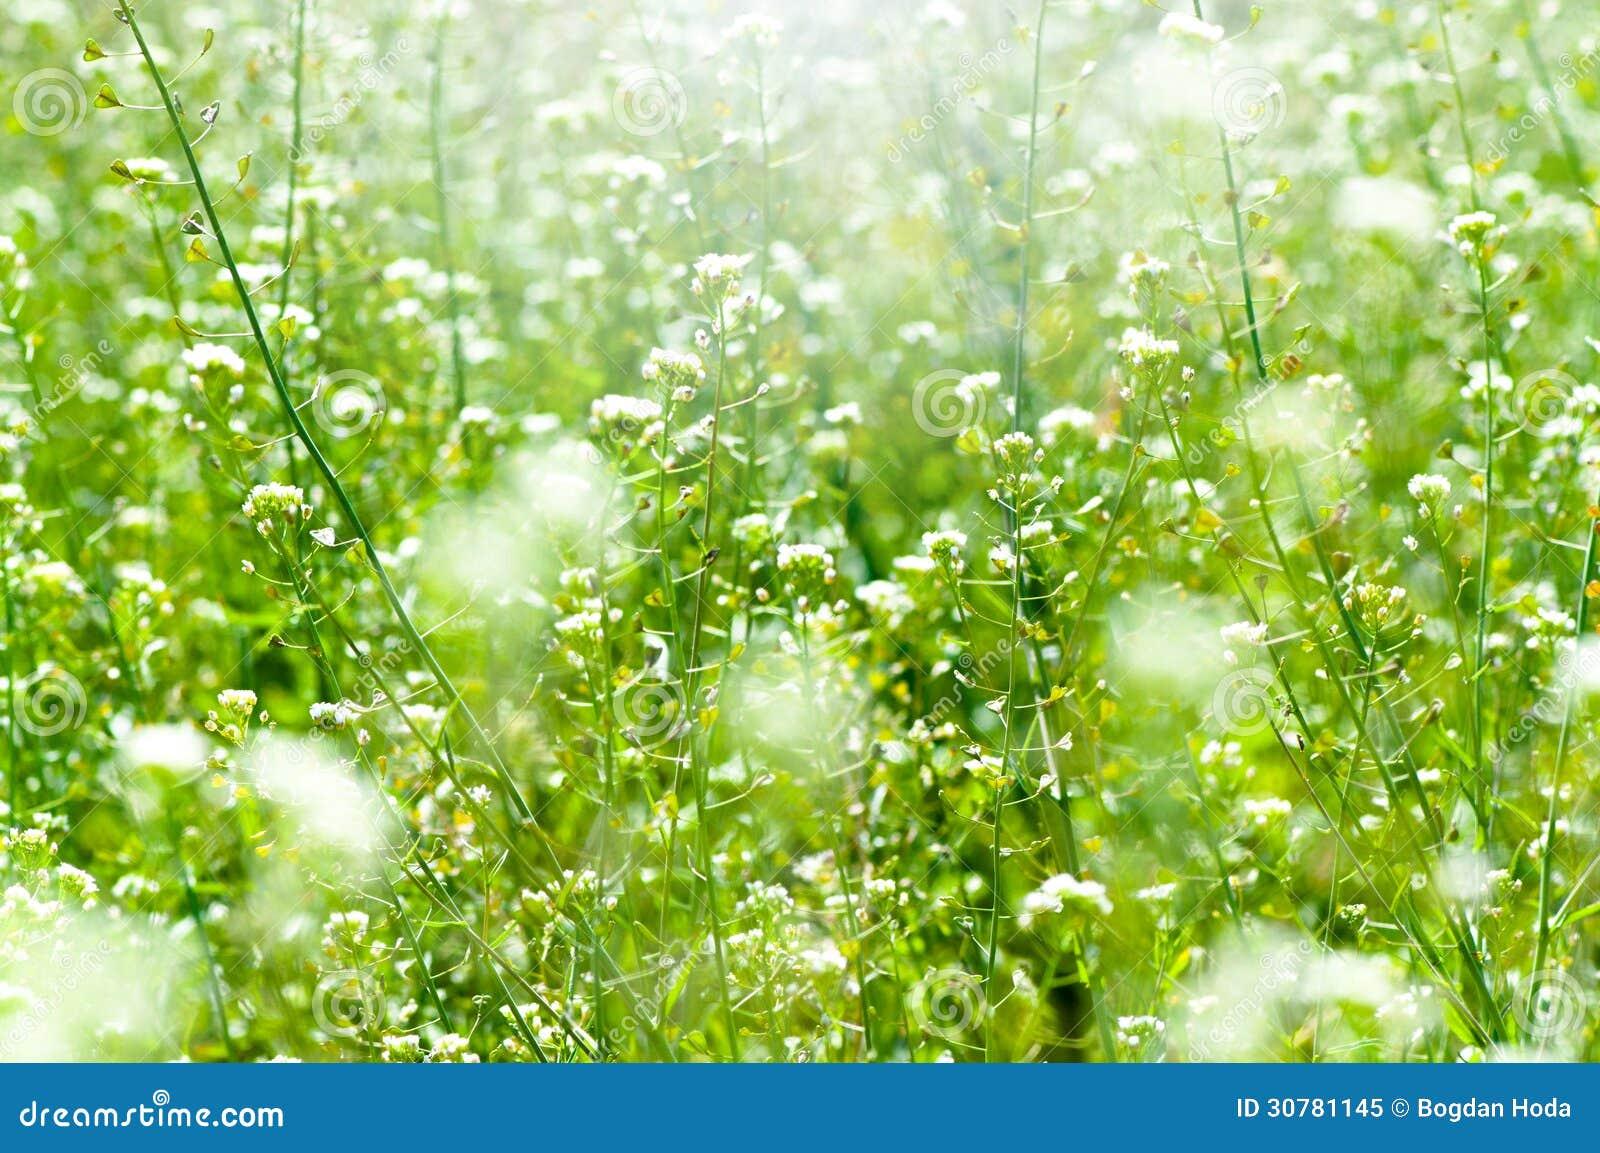 La primavera e l 39 estate wallpaper con erba verde ed i for Fiori con la l